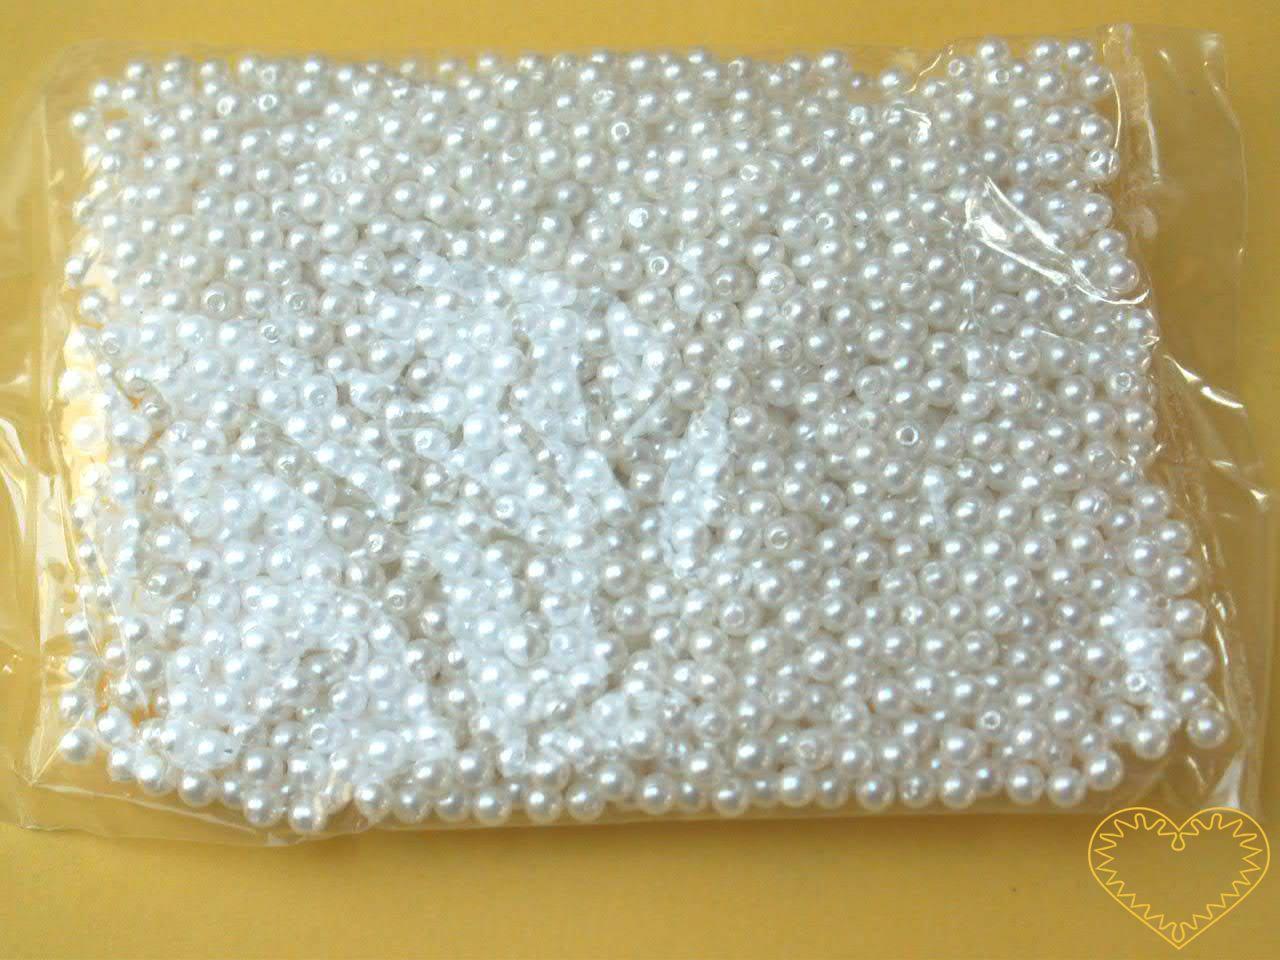 Bílé plastové perličky 3 mm - jedno balení má hmotnost 50 g. Korálky jsou vhodné pro tvoření s dětmi, pro výrobu bižuterie i dalších ozdob. Bílé perličky se také hodí k svatebním dekoracím a do svatebních kytic.